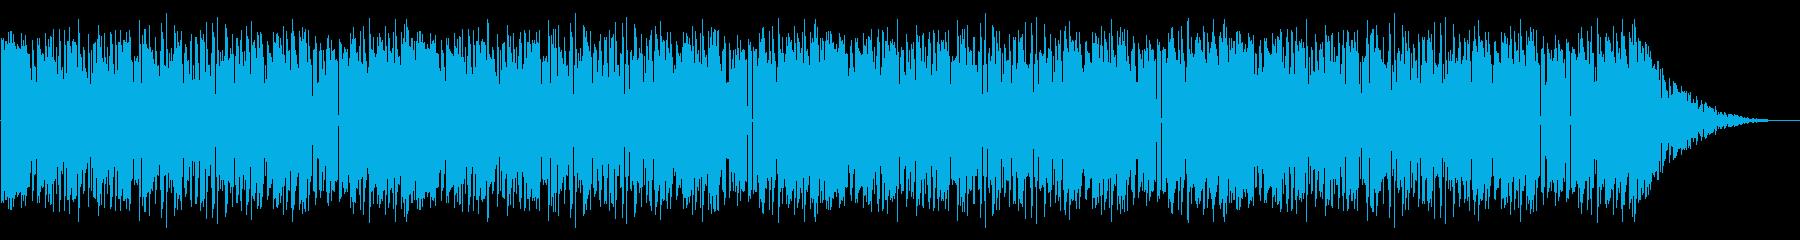 NES アクションC08-1(ボス) の再生済みの波形